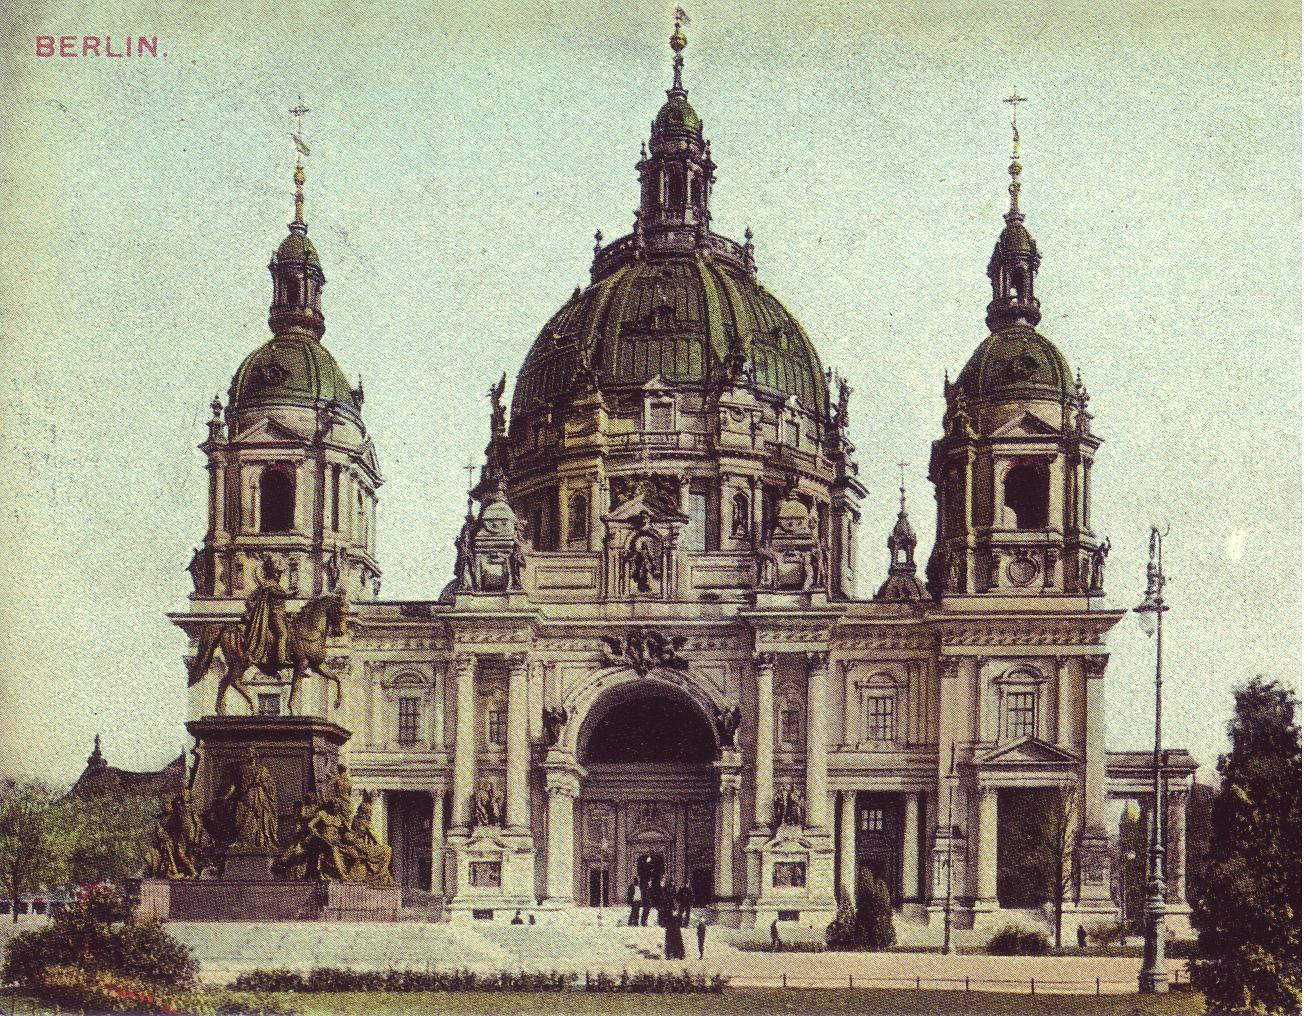 View of Berliner Dom in Berlin, around 1900.